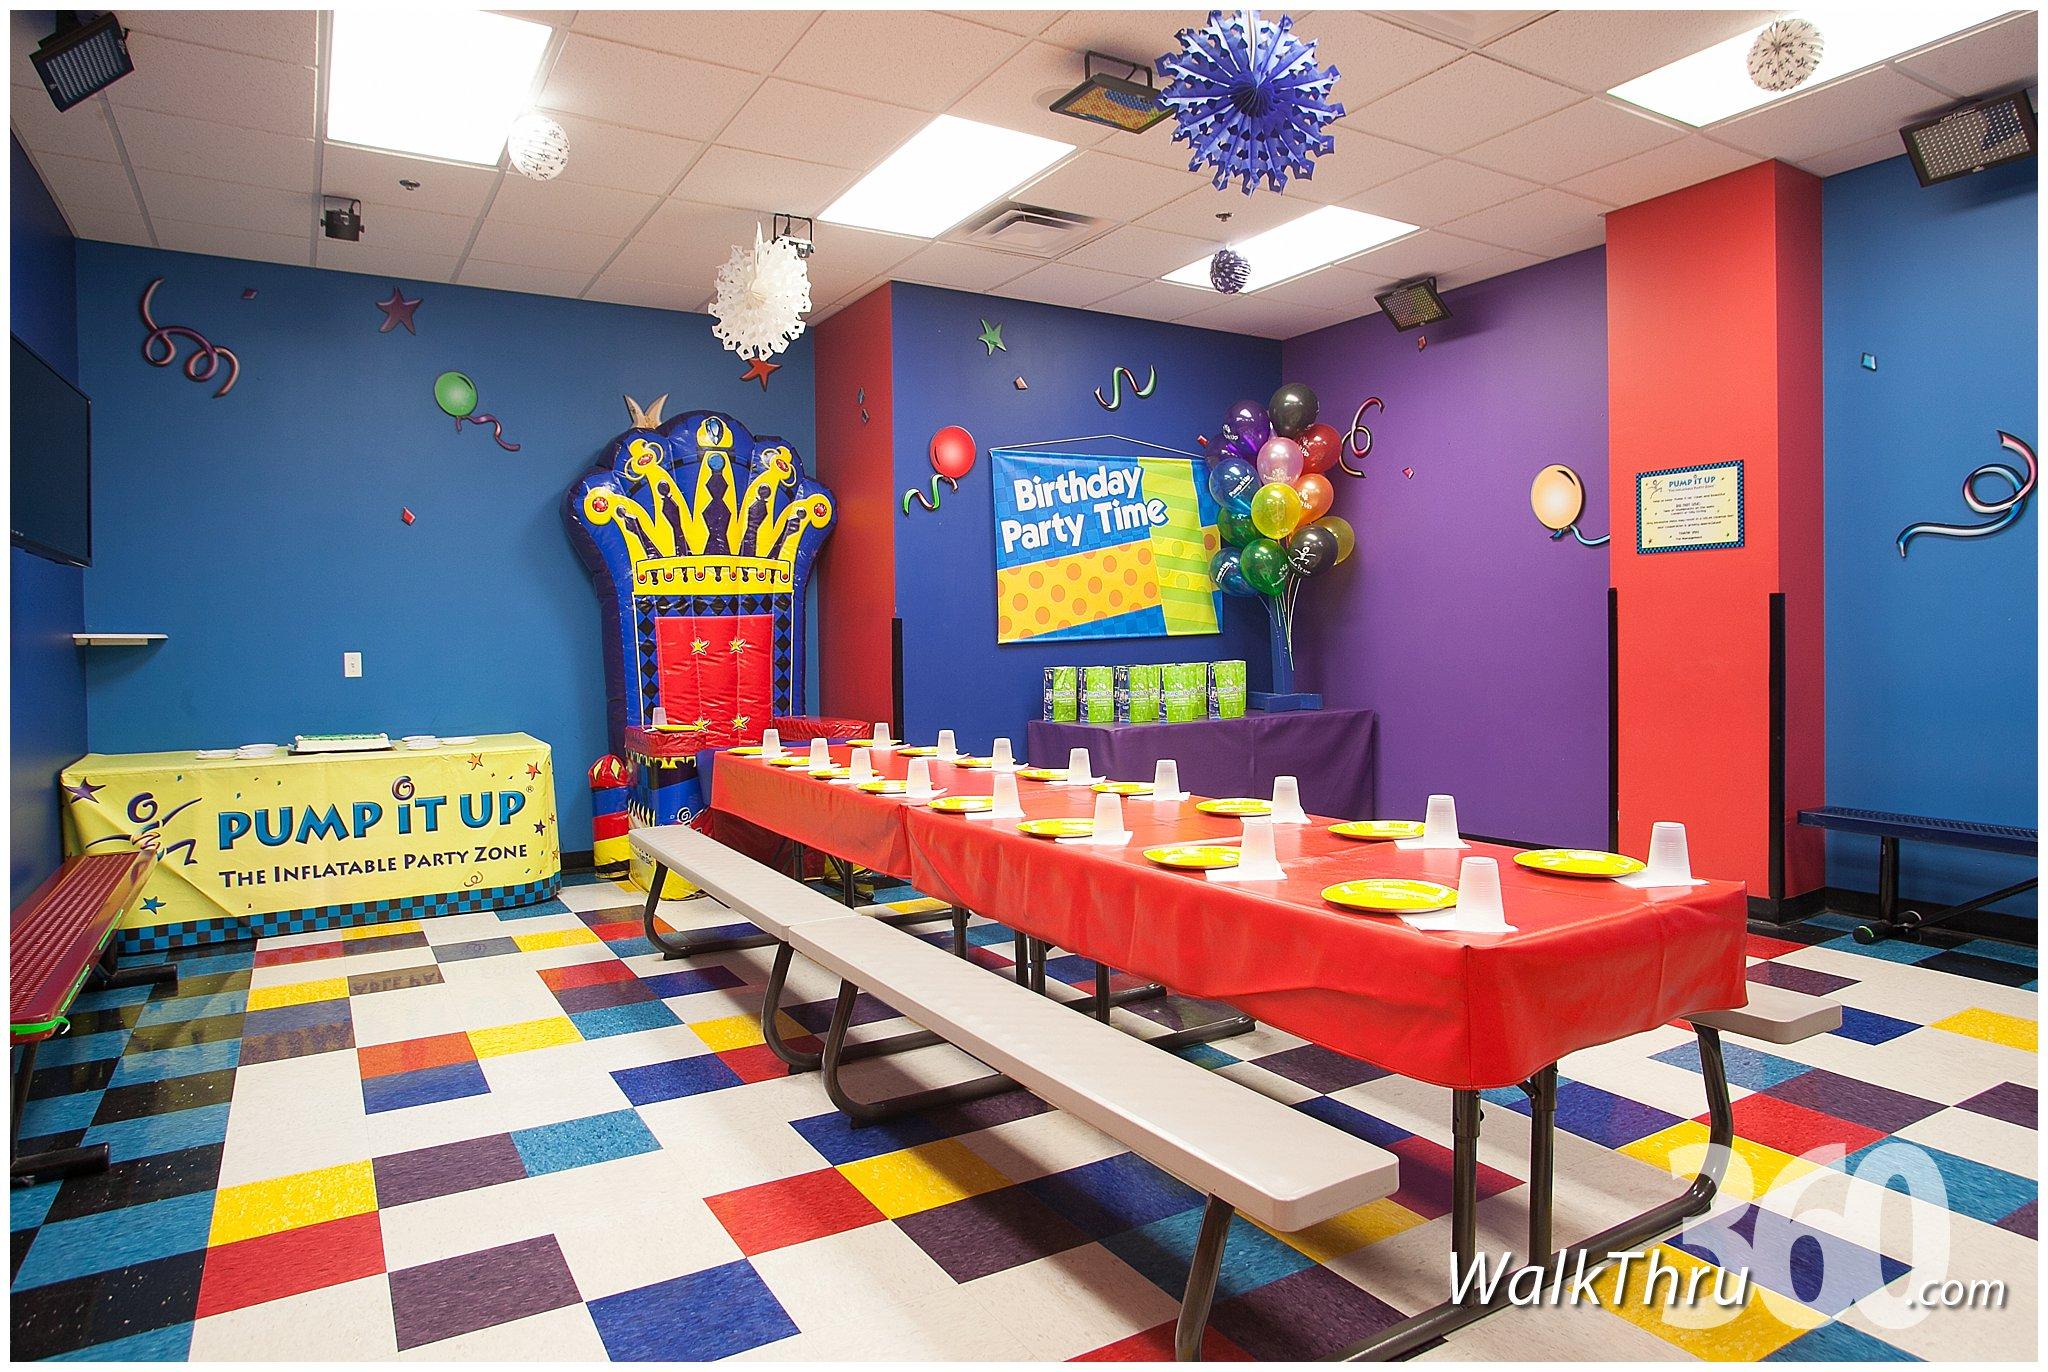 Pump It Up Kids Entertainment Lincoln Park  Virtual Tour